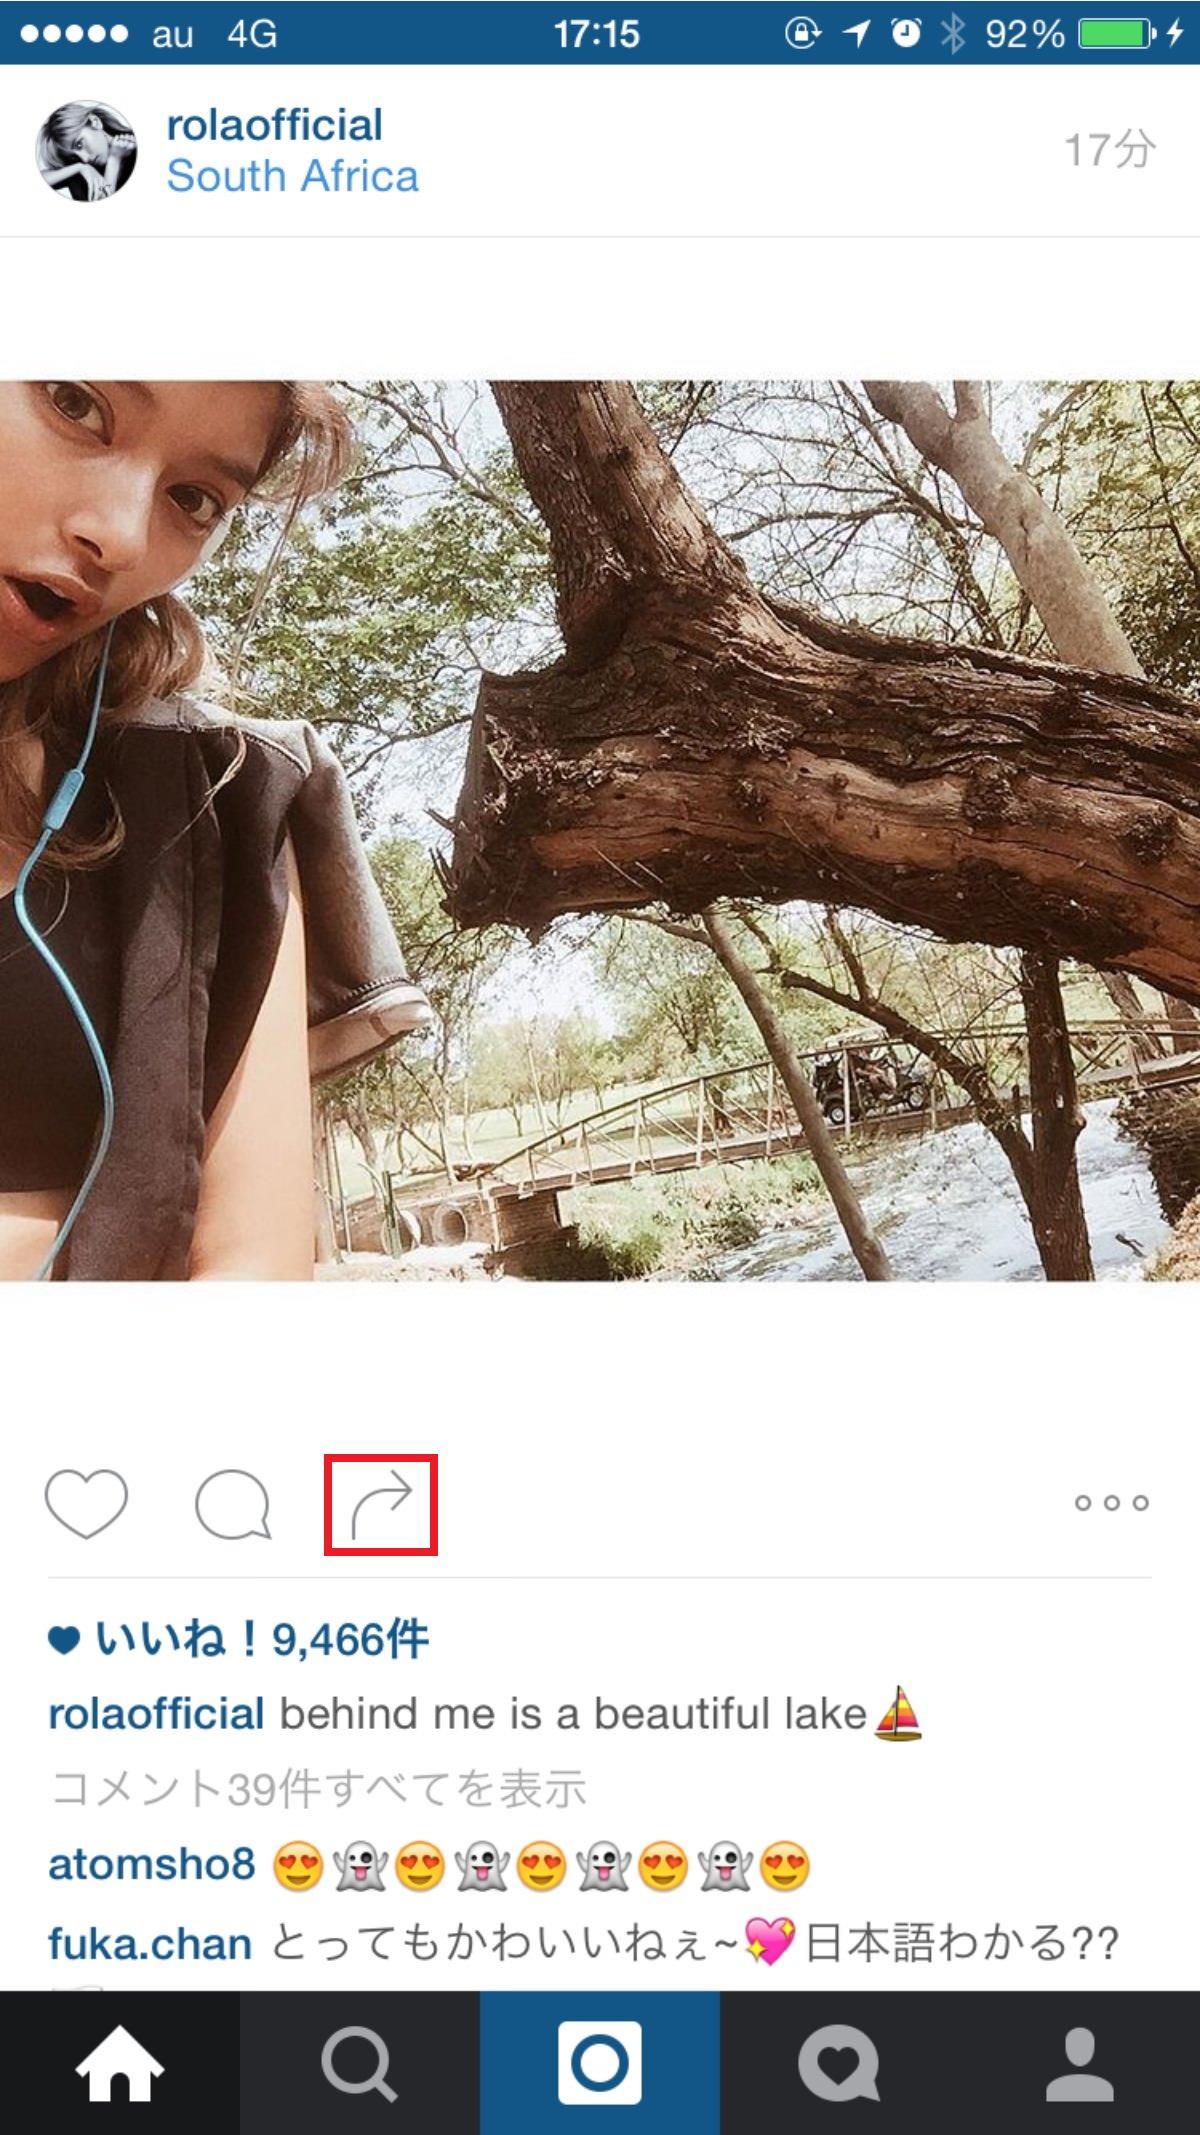 参考:Instagram